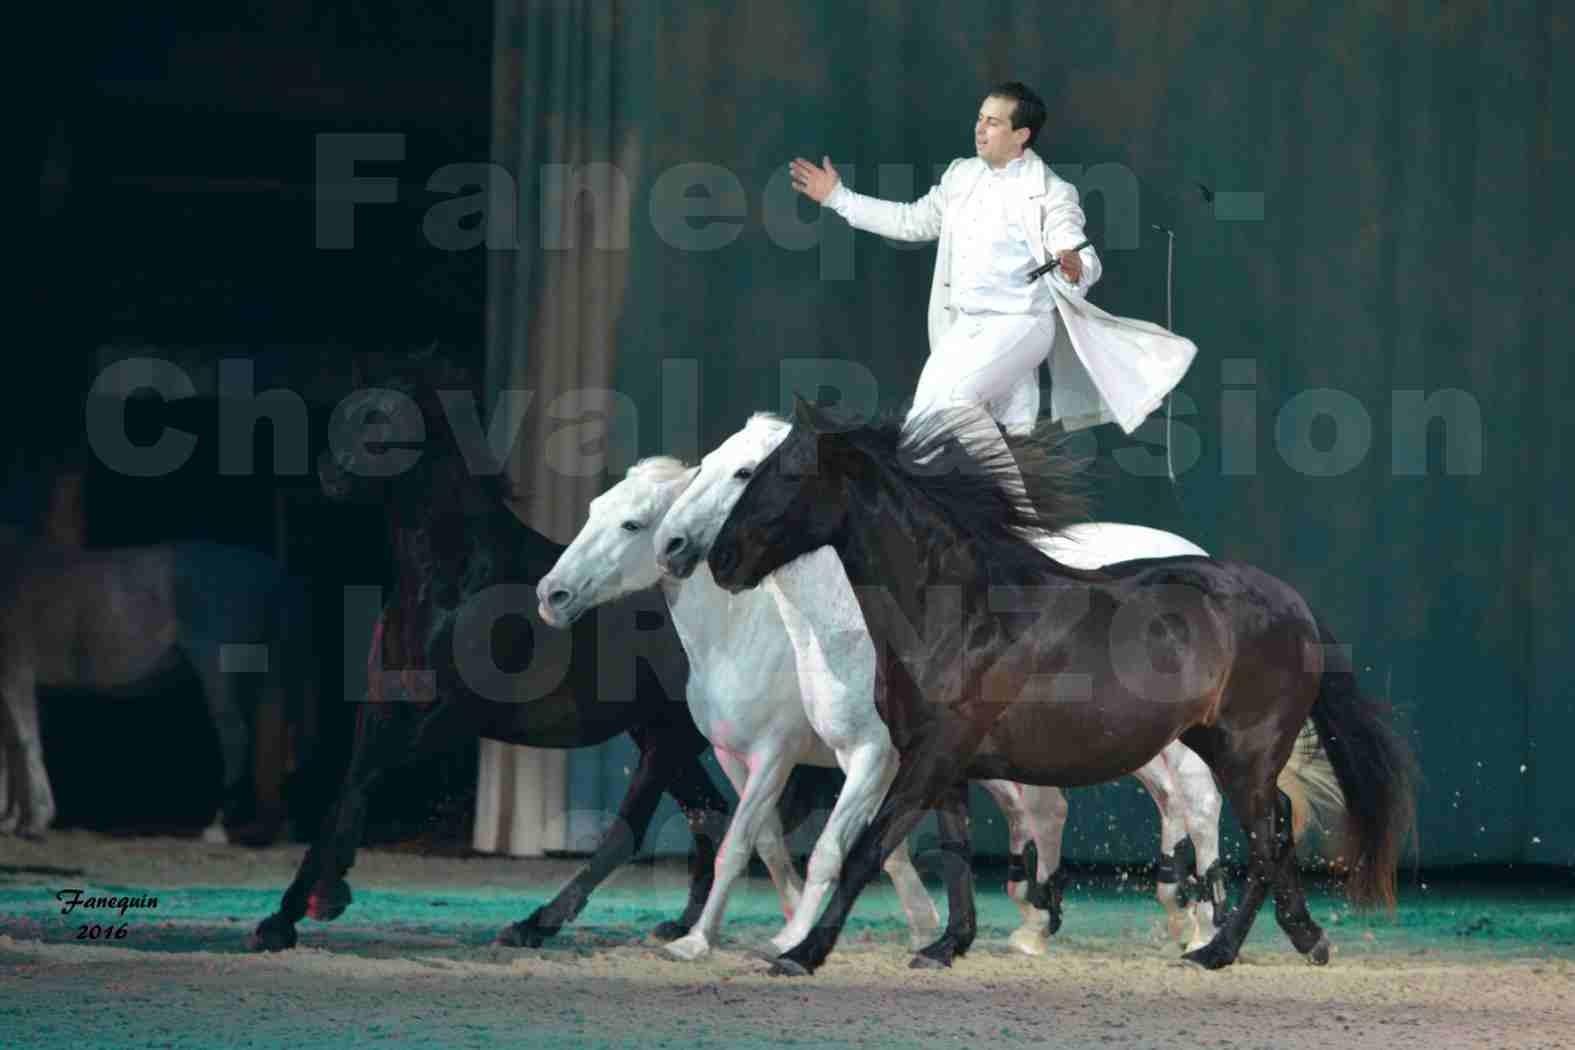 """Cheval Passion 2016 - Spectacle les Crinières d'OR - LORENZO """"Blanc"""" - représentation du 20 janvier 2016 - 14"""